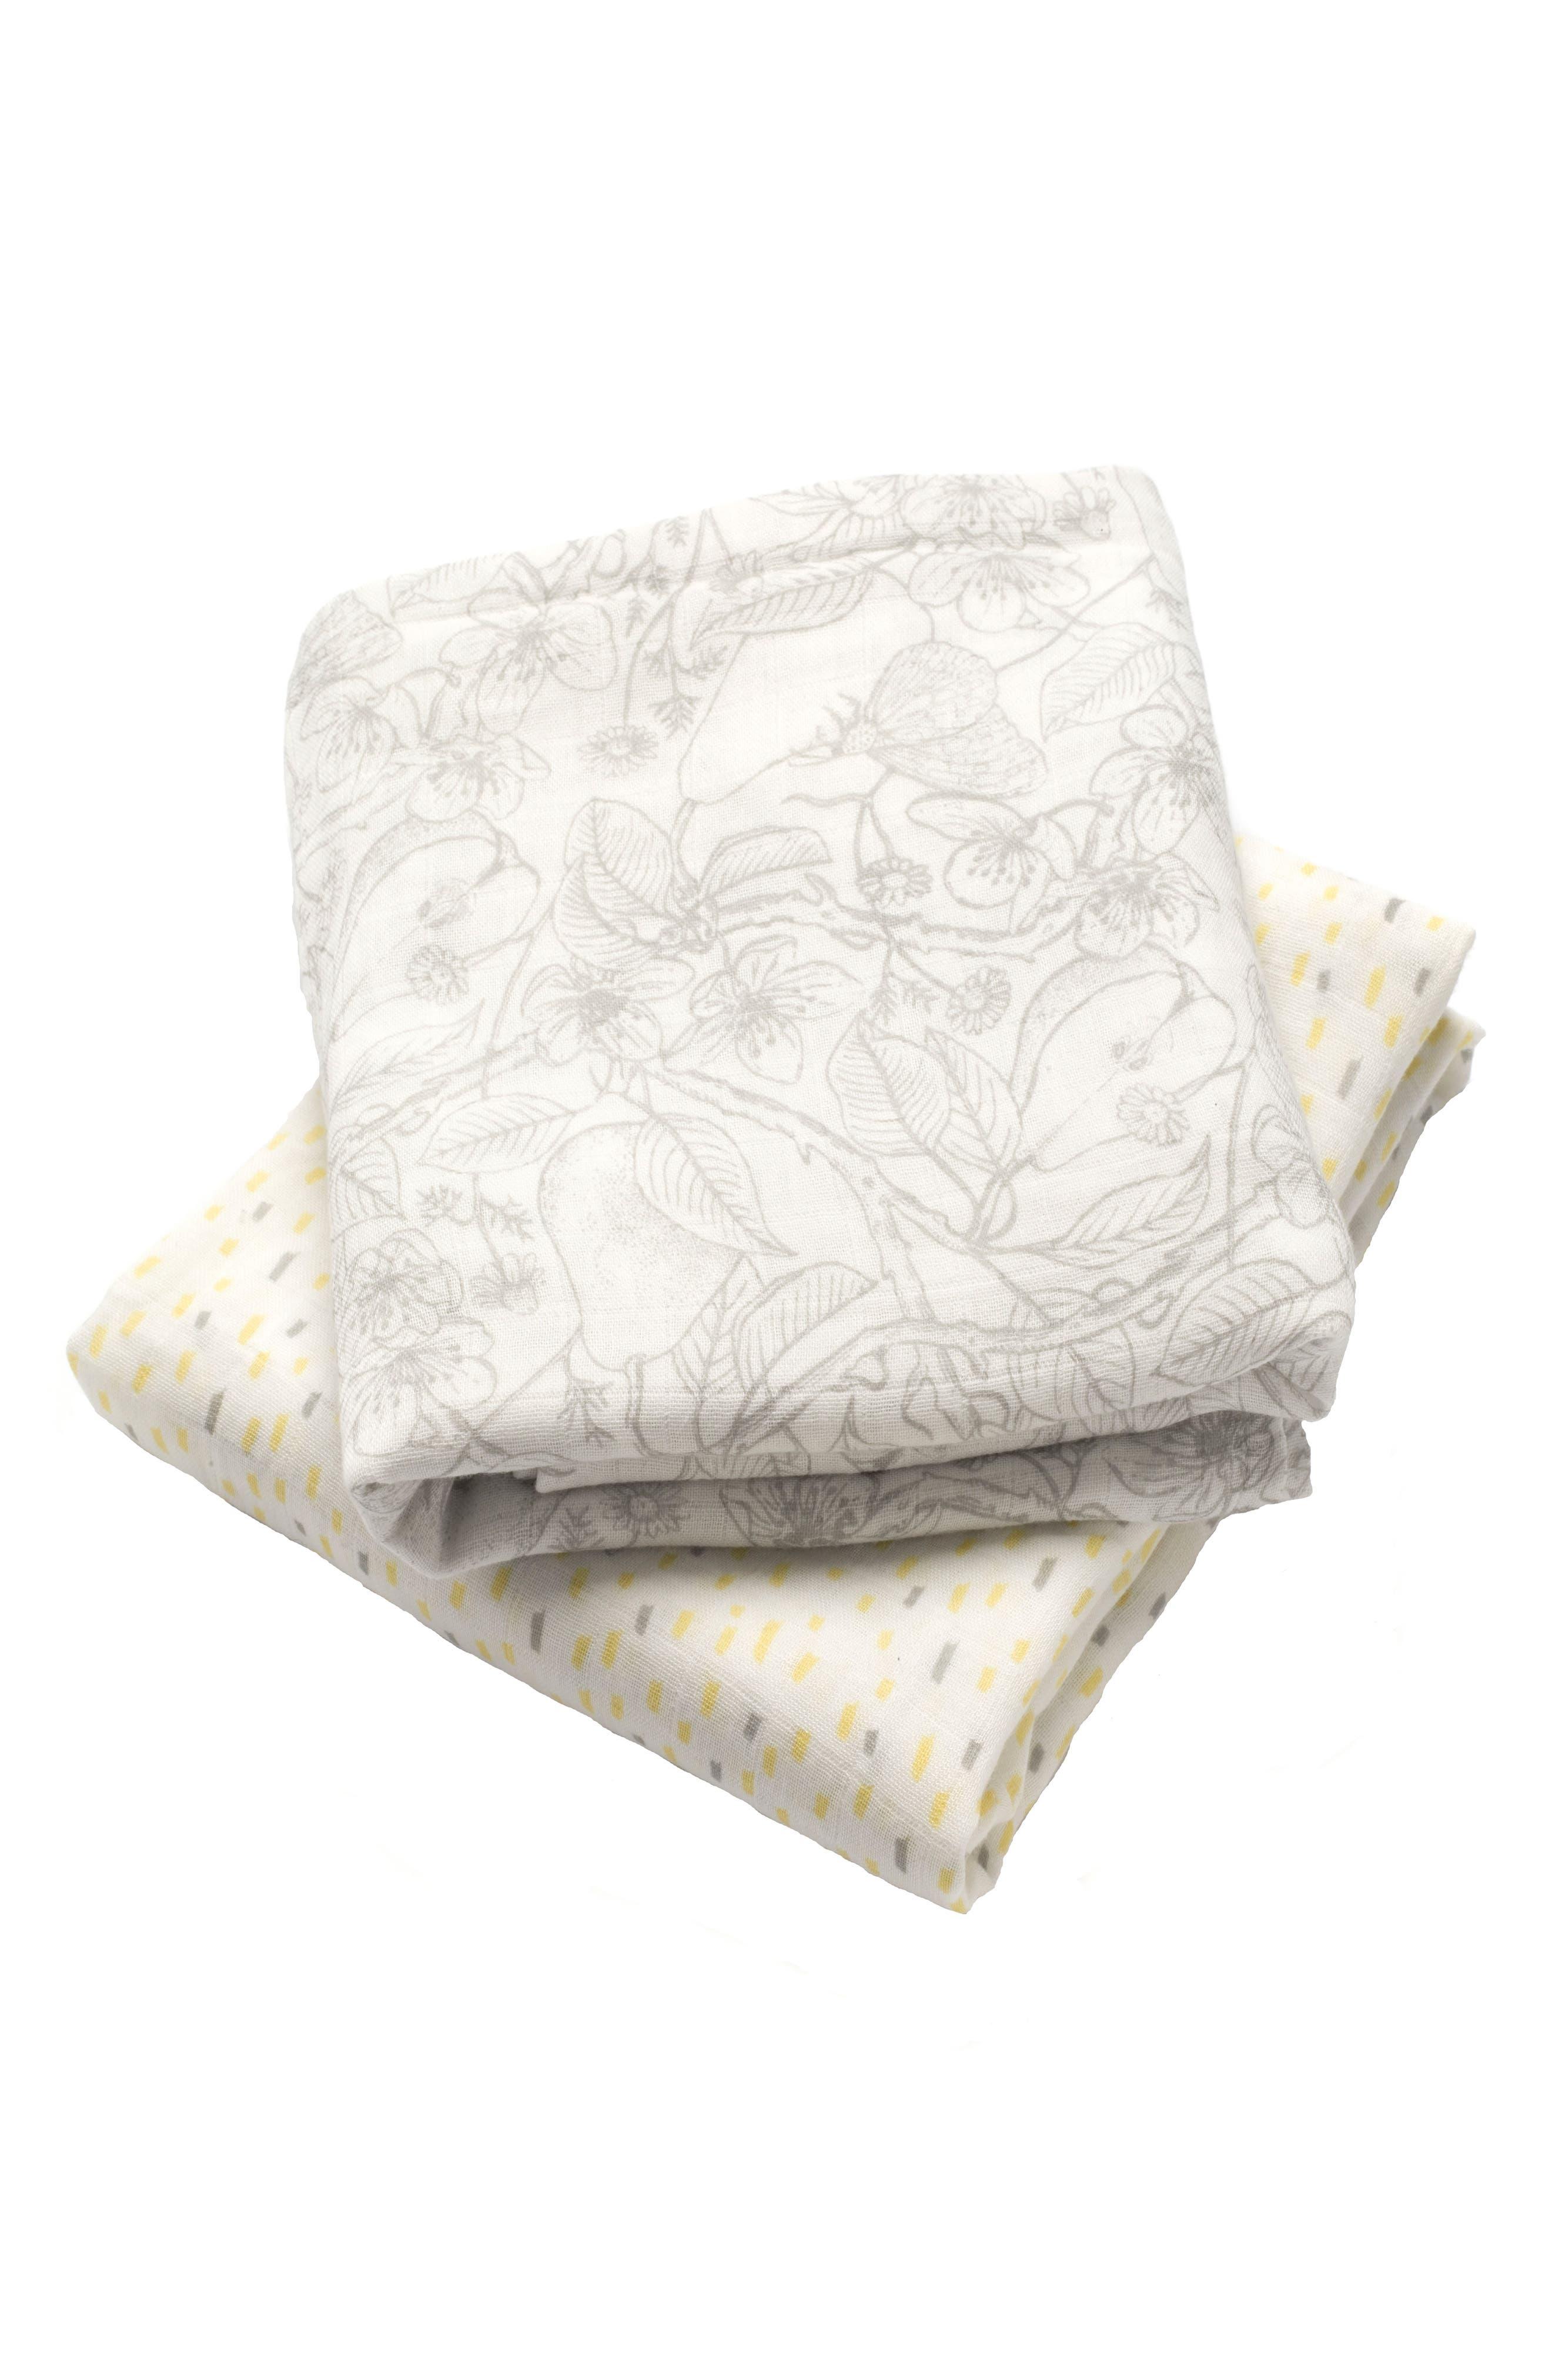 Alternate Image 1 Selected - Storksak Set of 2 Muslin Swaddling Cloths